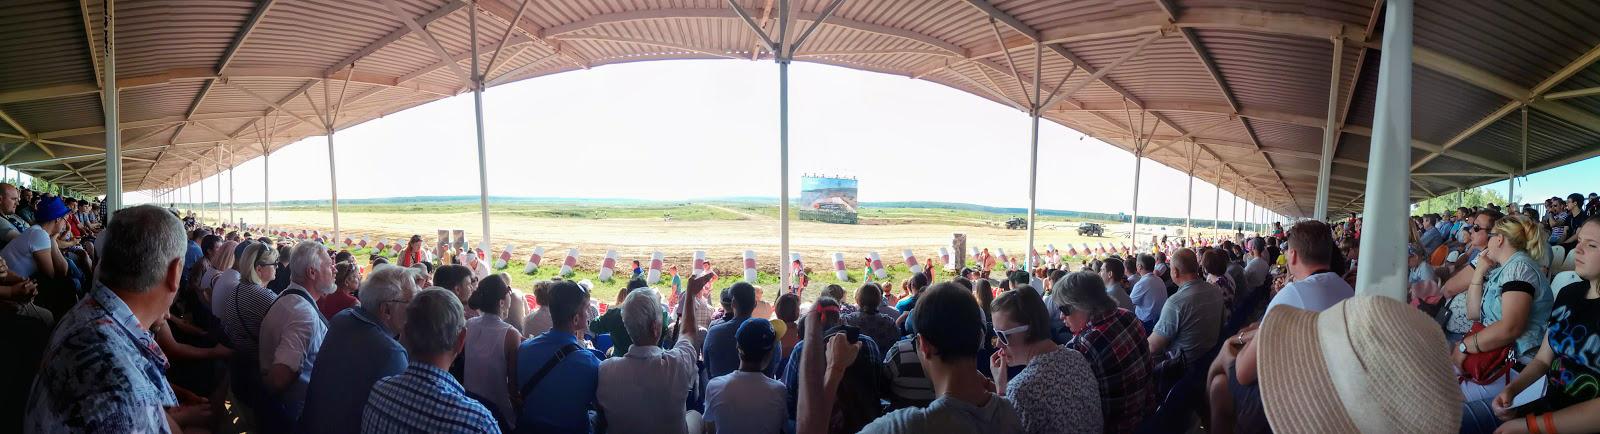 Панорама зрительской трибуны Б1